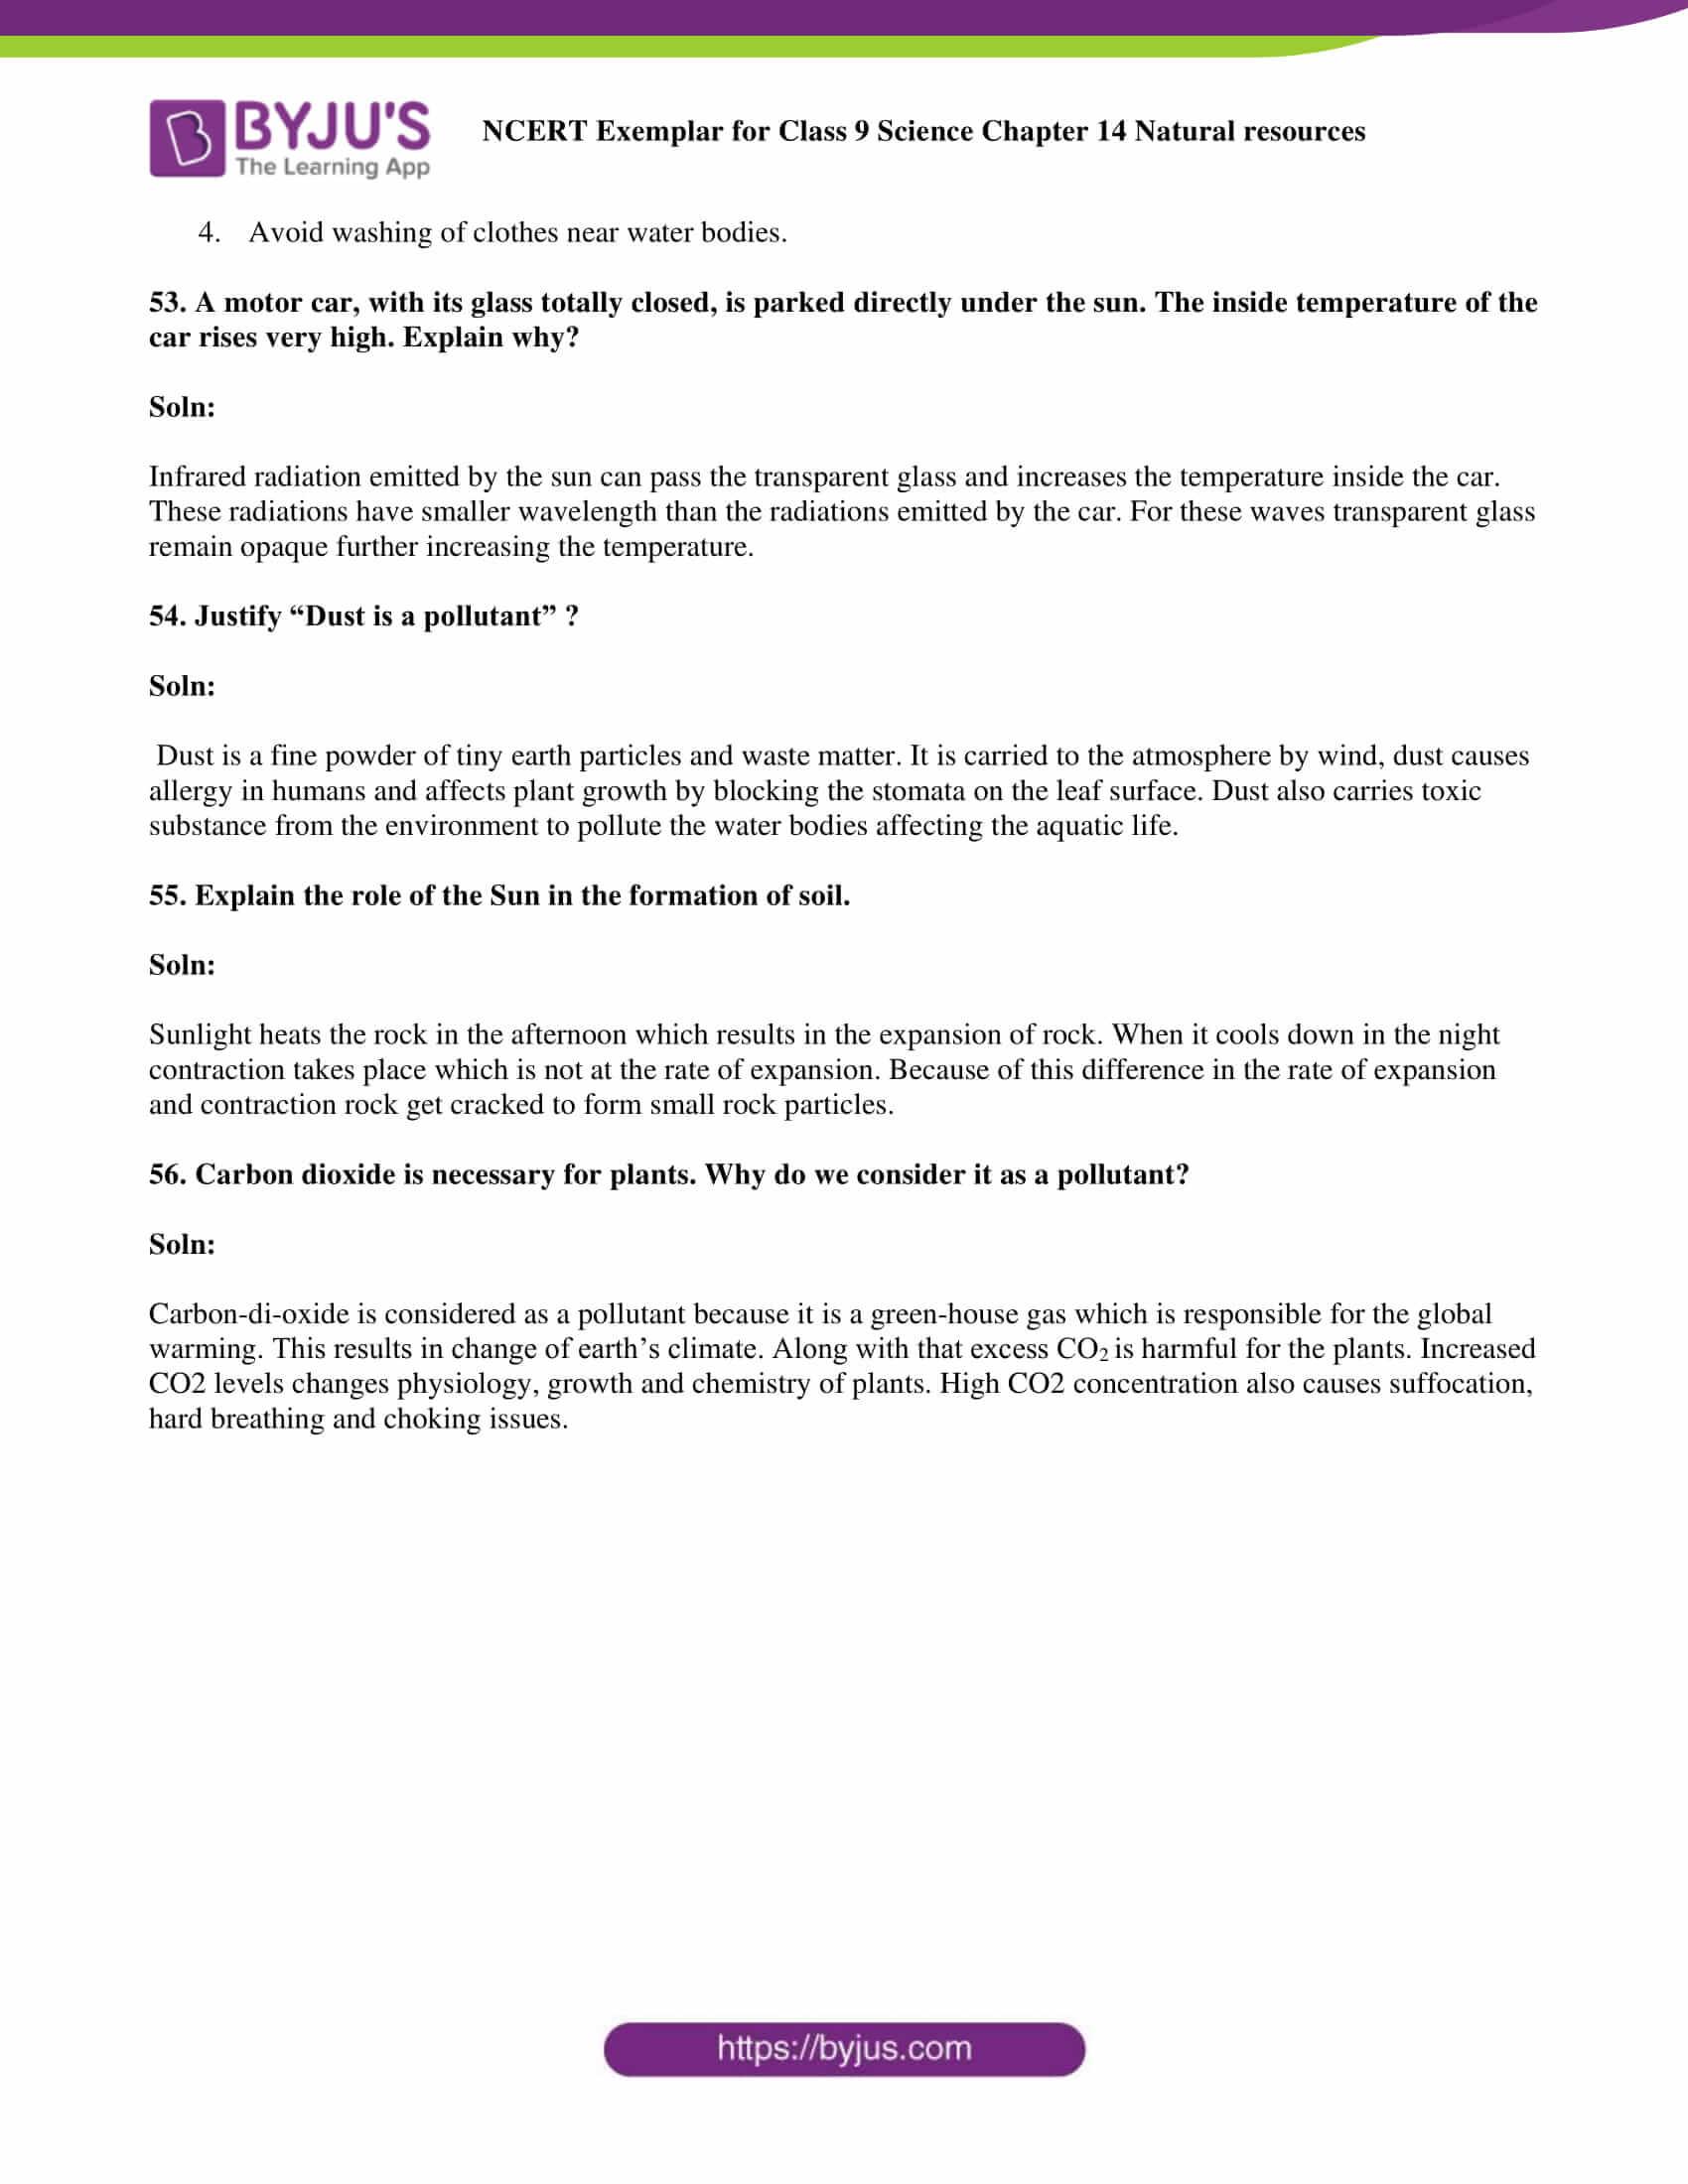 NCERT Exemplar solution class 9 Science Chapter 14 part 14